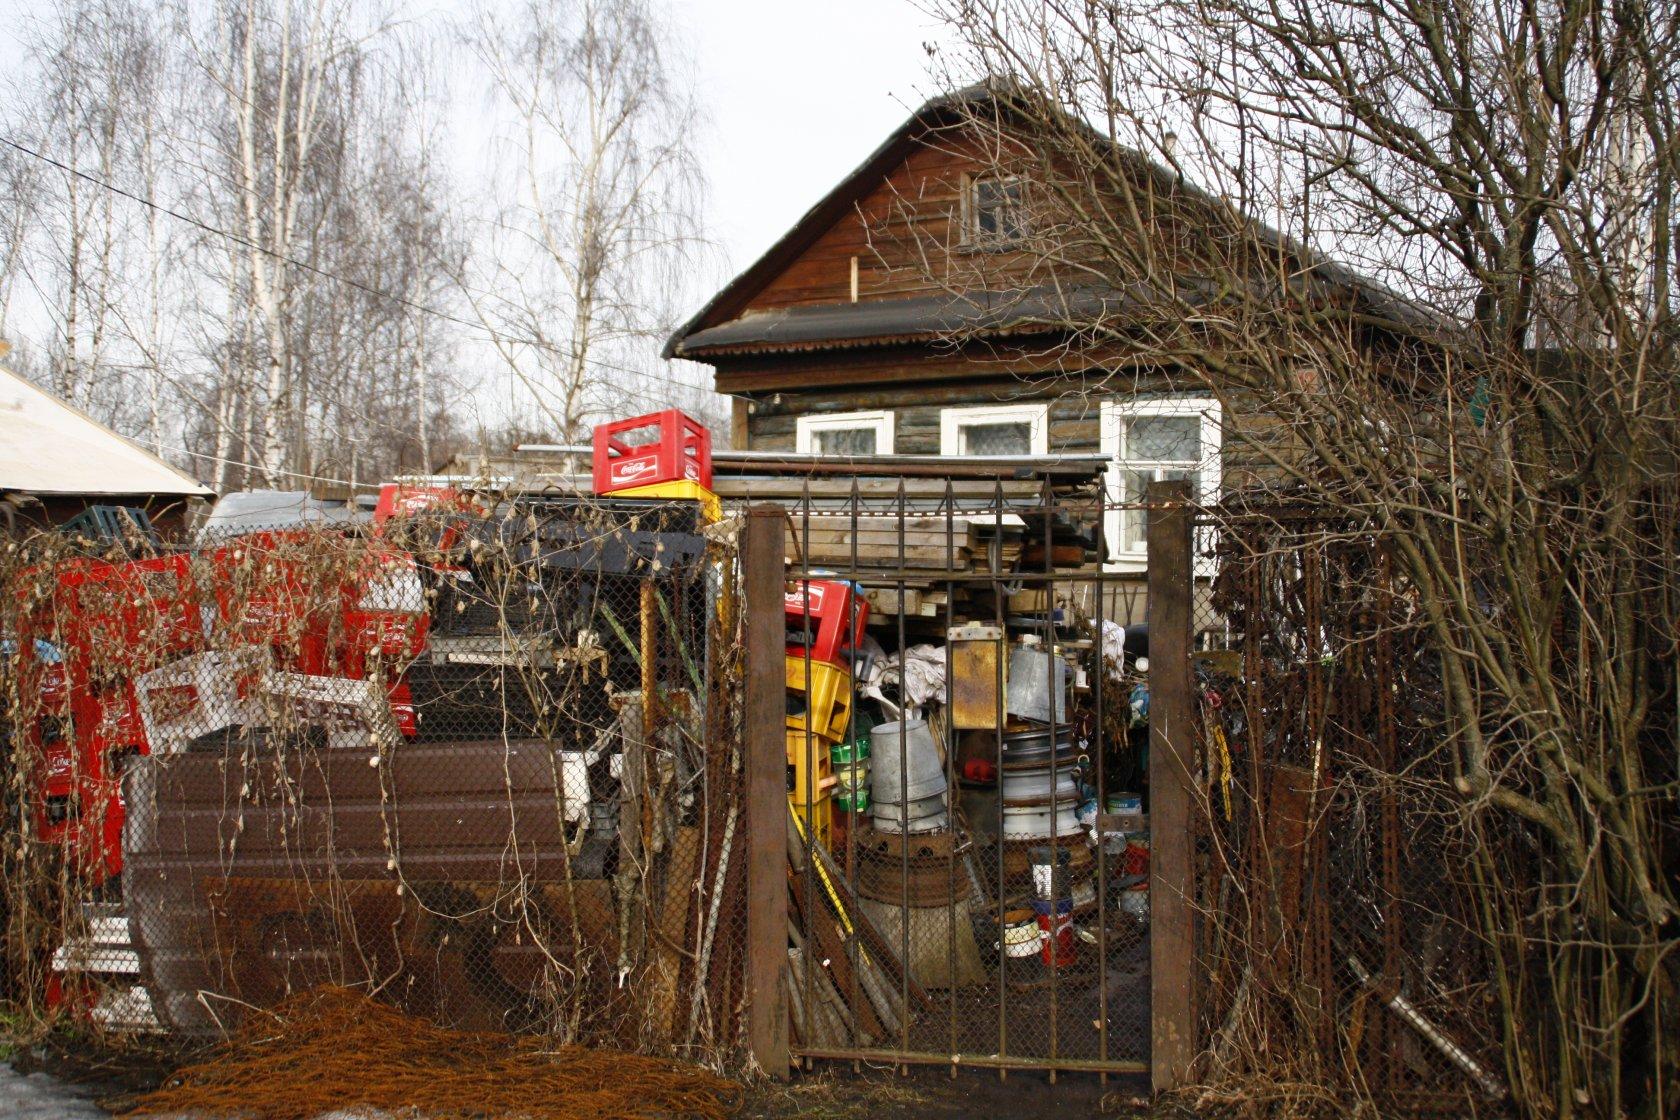 проводим кулинарные терехово деревня москва фото фото сделанное